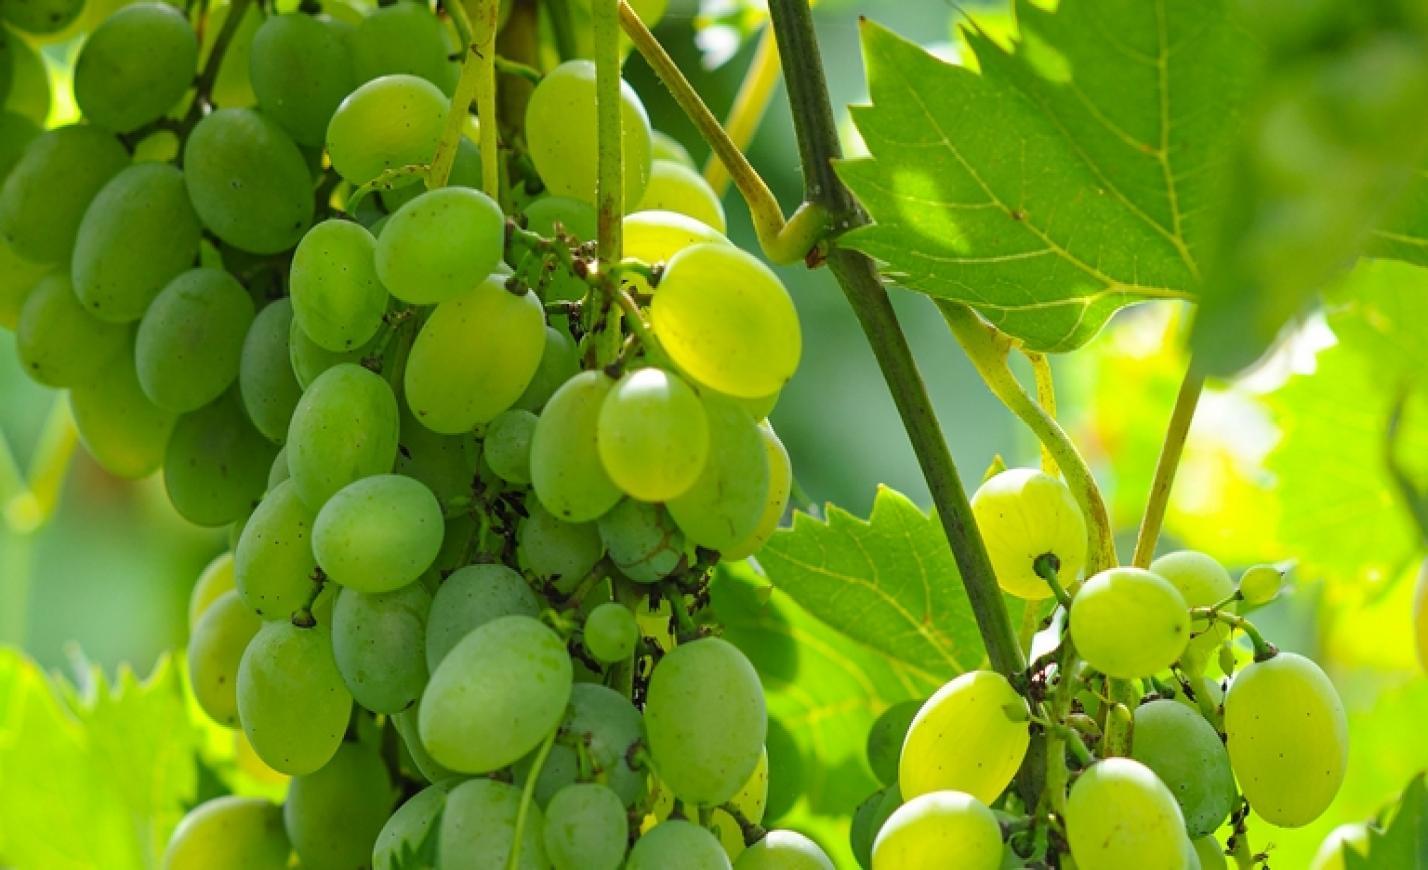 Hatalmas átalakulás történt a pécsi egyetem szőlészeti kutatóintézetének vezetésében